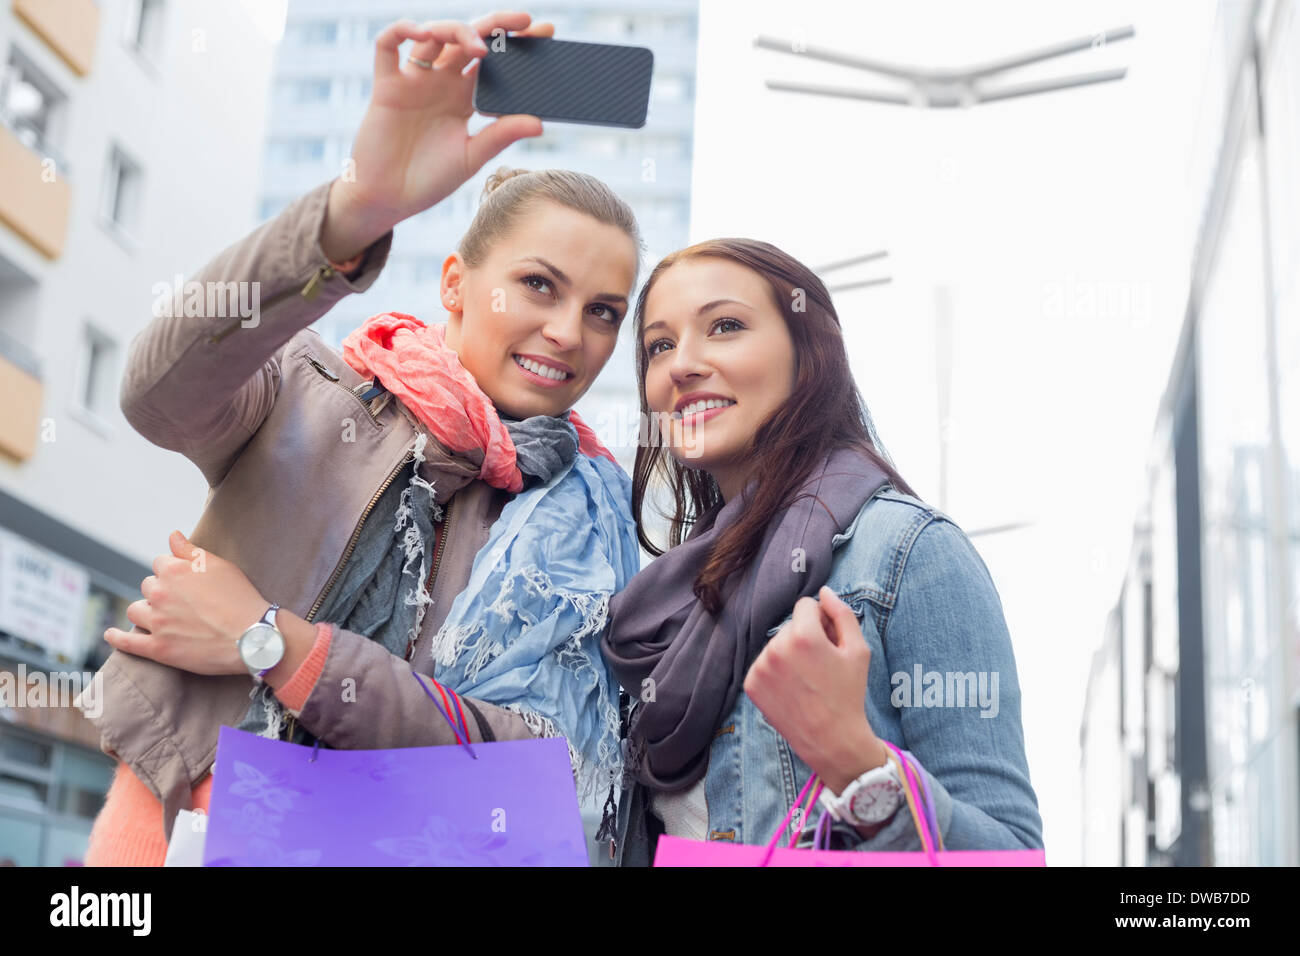 Freundinnen mit Einkaufstüten fotografieren über Mobiltelefon Stockbild